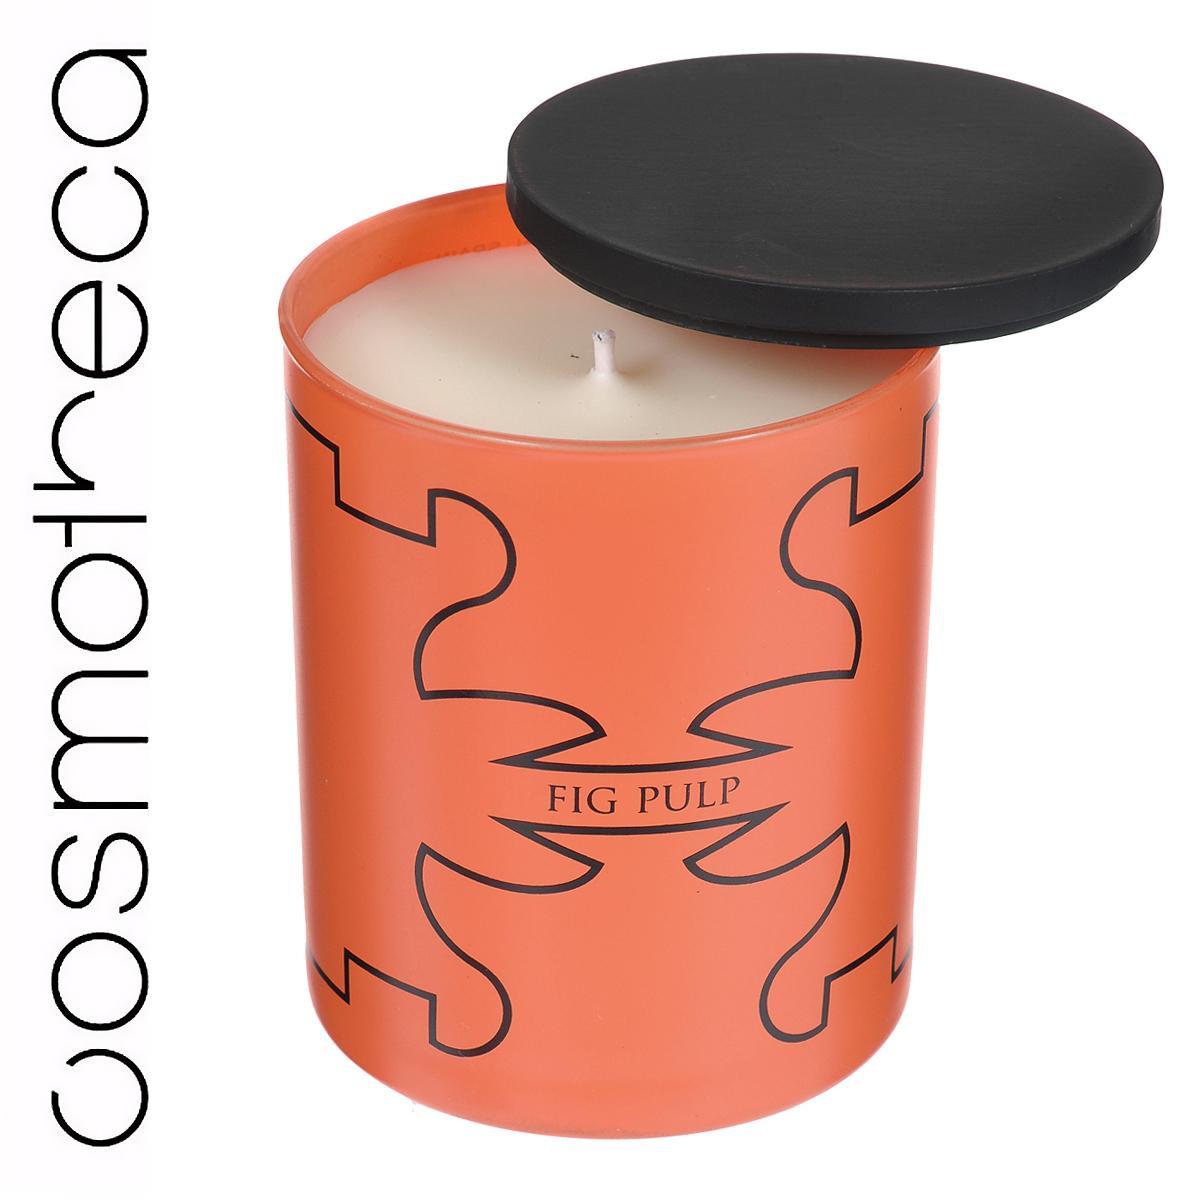 Oliver & Co Свеча Инжирная мякоть, ароматизированная, 225 гOLI008NАроматизированная свеча Oliver & Co Инжирная мякоть с деревянной крышкой создана вручную из особой смеси воска и ароматических компонентов.Ключевые ноты: листья инжира, мякоть инжира, ваниль. Характеристики:Вес: 225 г. Производитель: Испания. Товар сертифицирован.